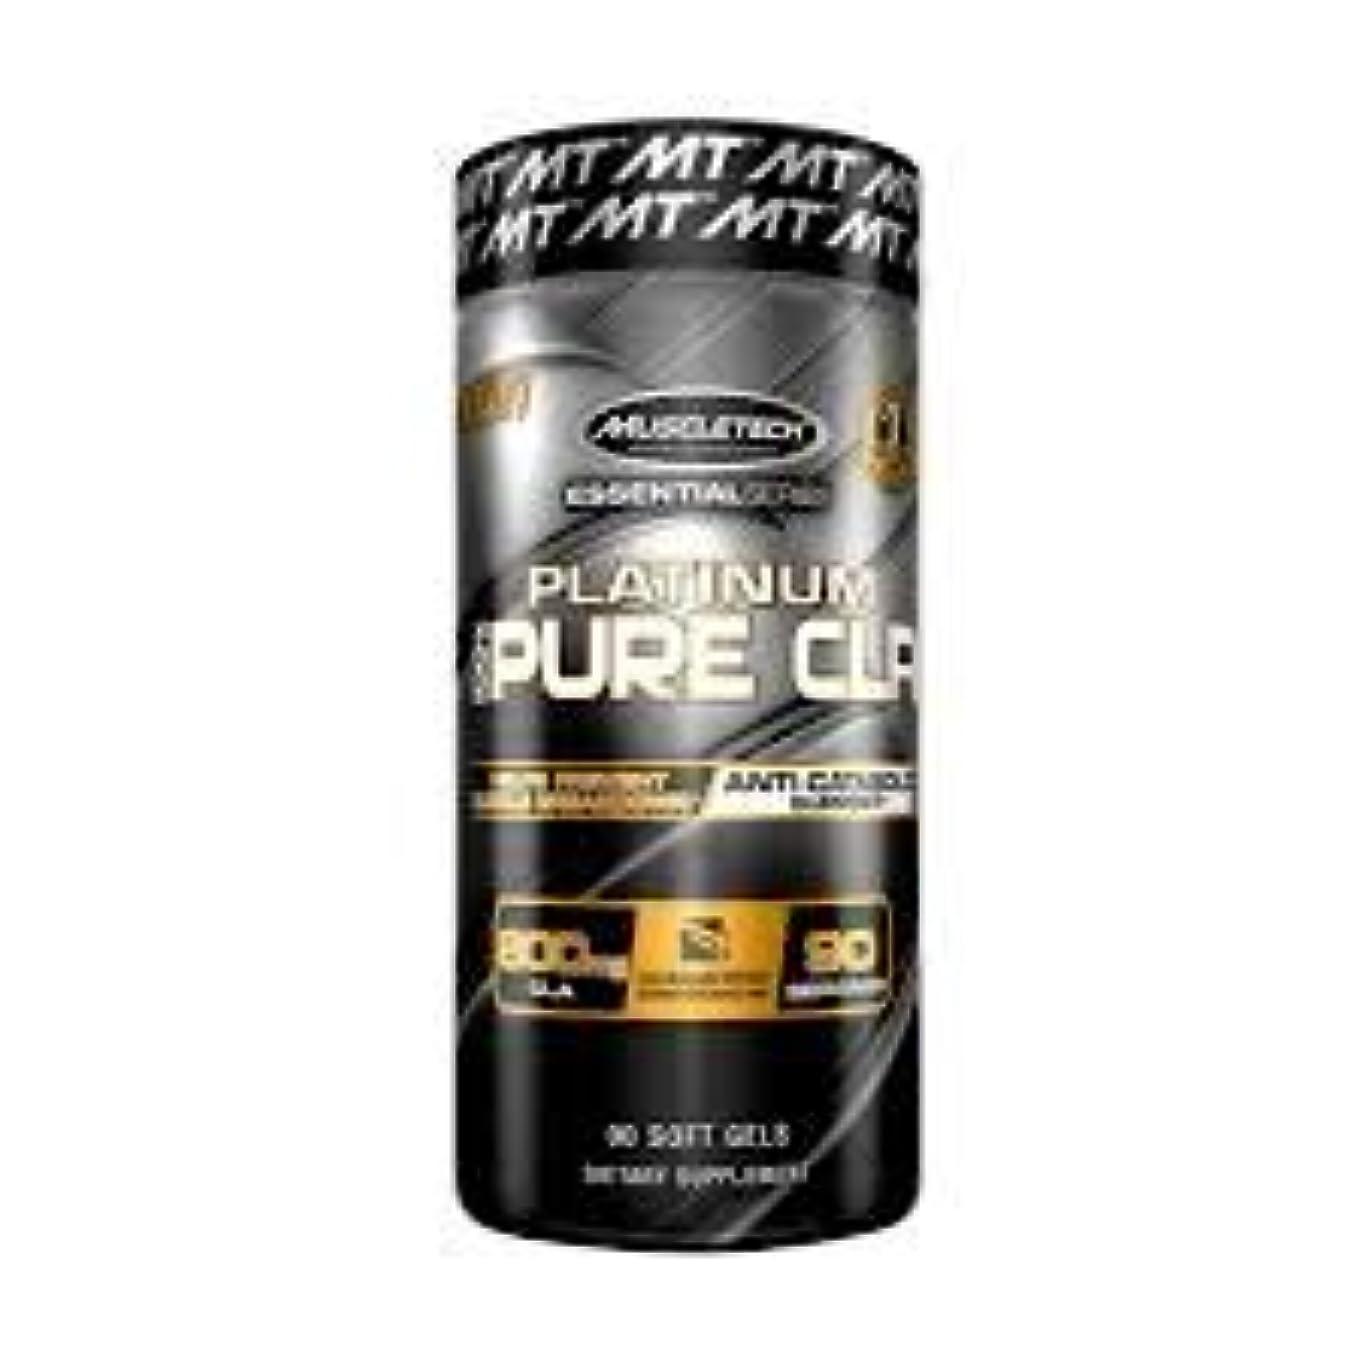 示す却下する非行Muscletech プラチナムピュアCLA 90カプセル (Platinum Pure CLA, 90 Soft Gel Caps)